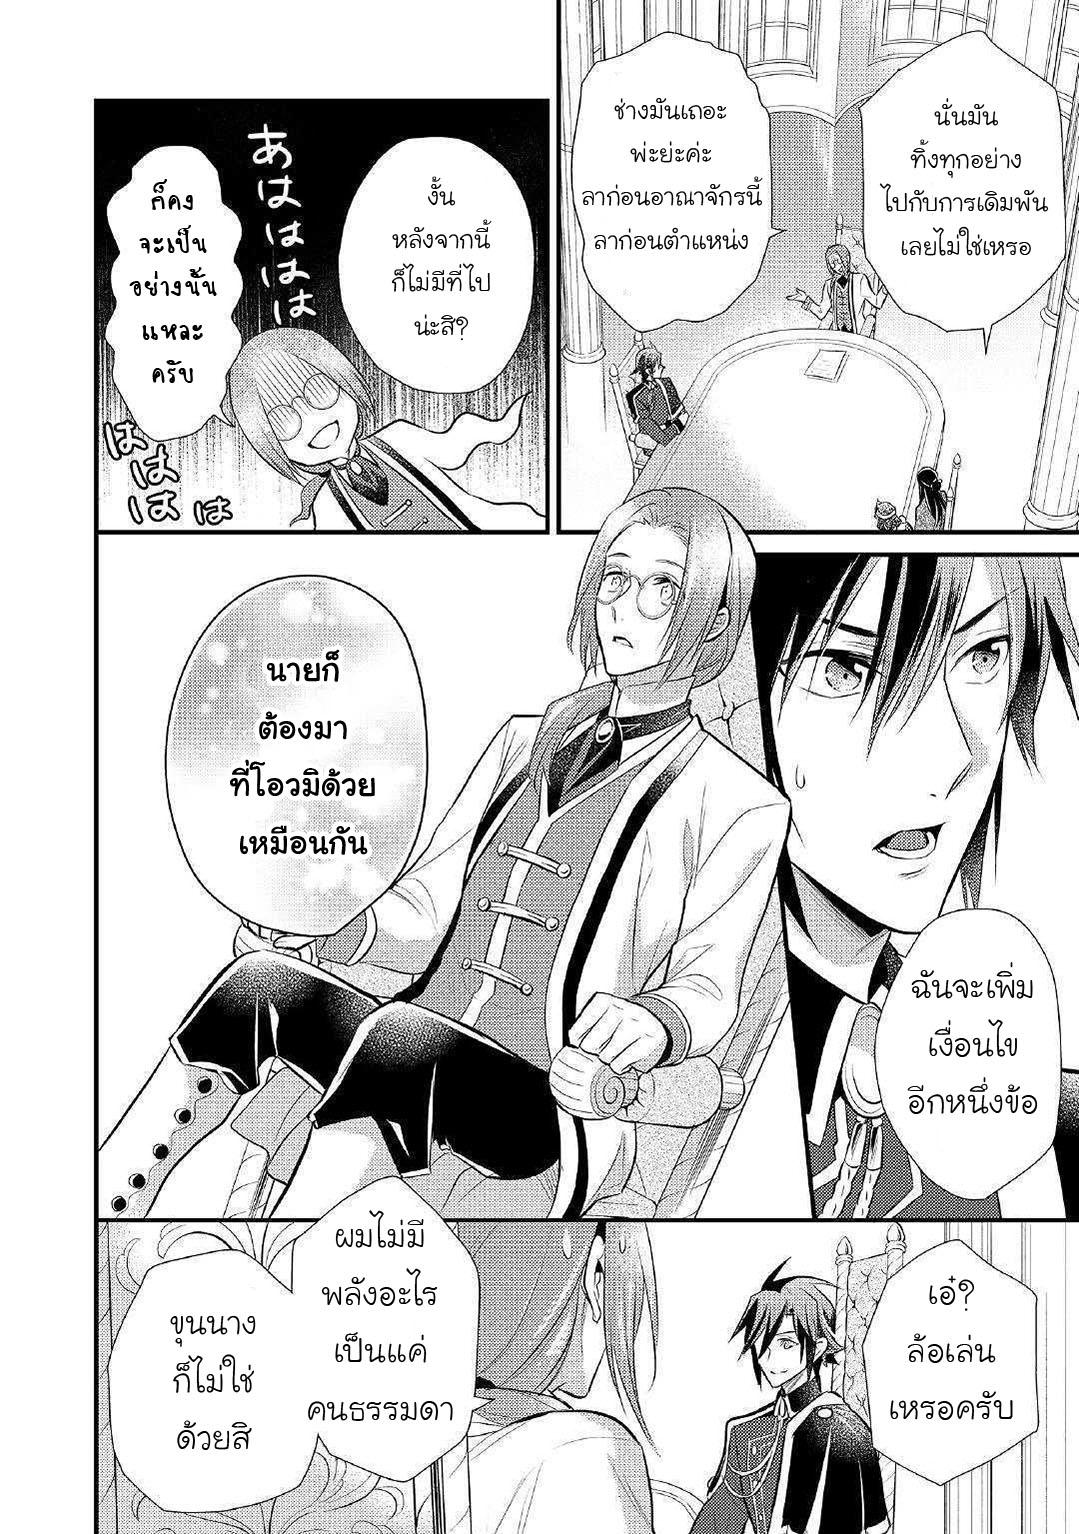 อ่านการ์ตูน Daites Ryou Koubouki ตอนที่ 26 หน้าที่ 31